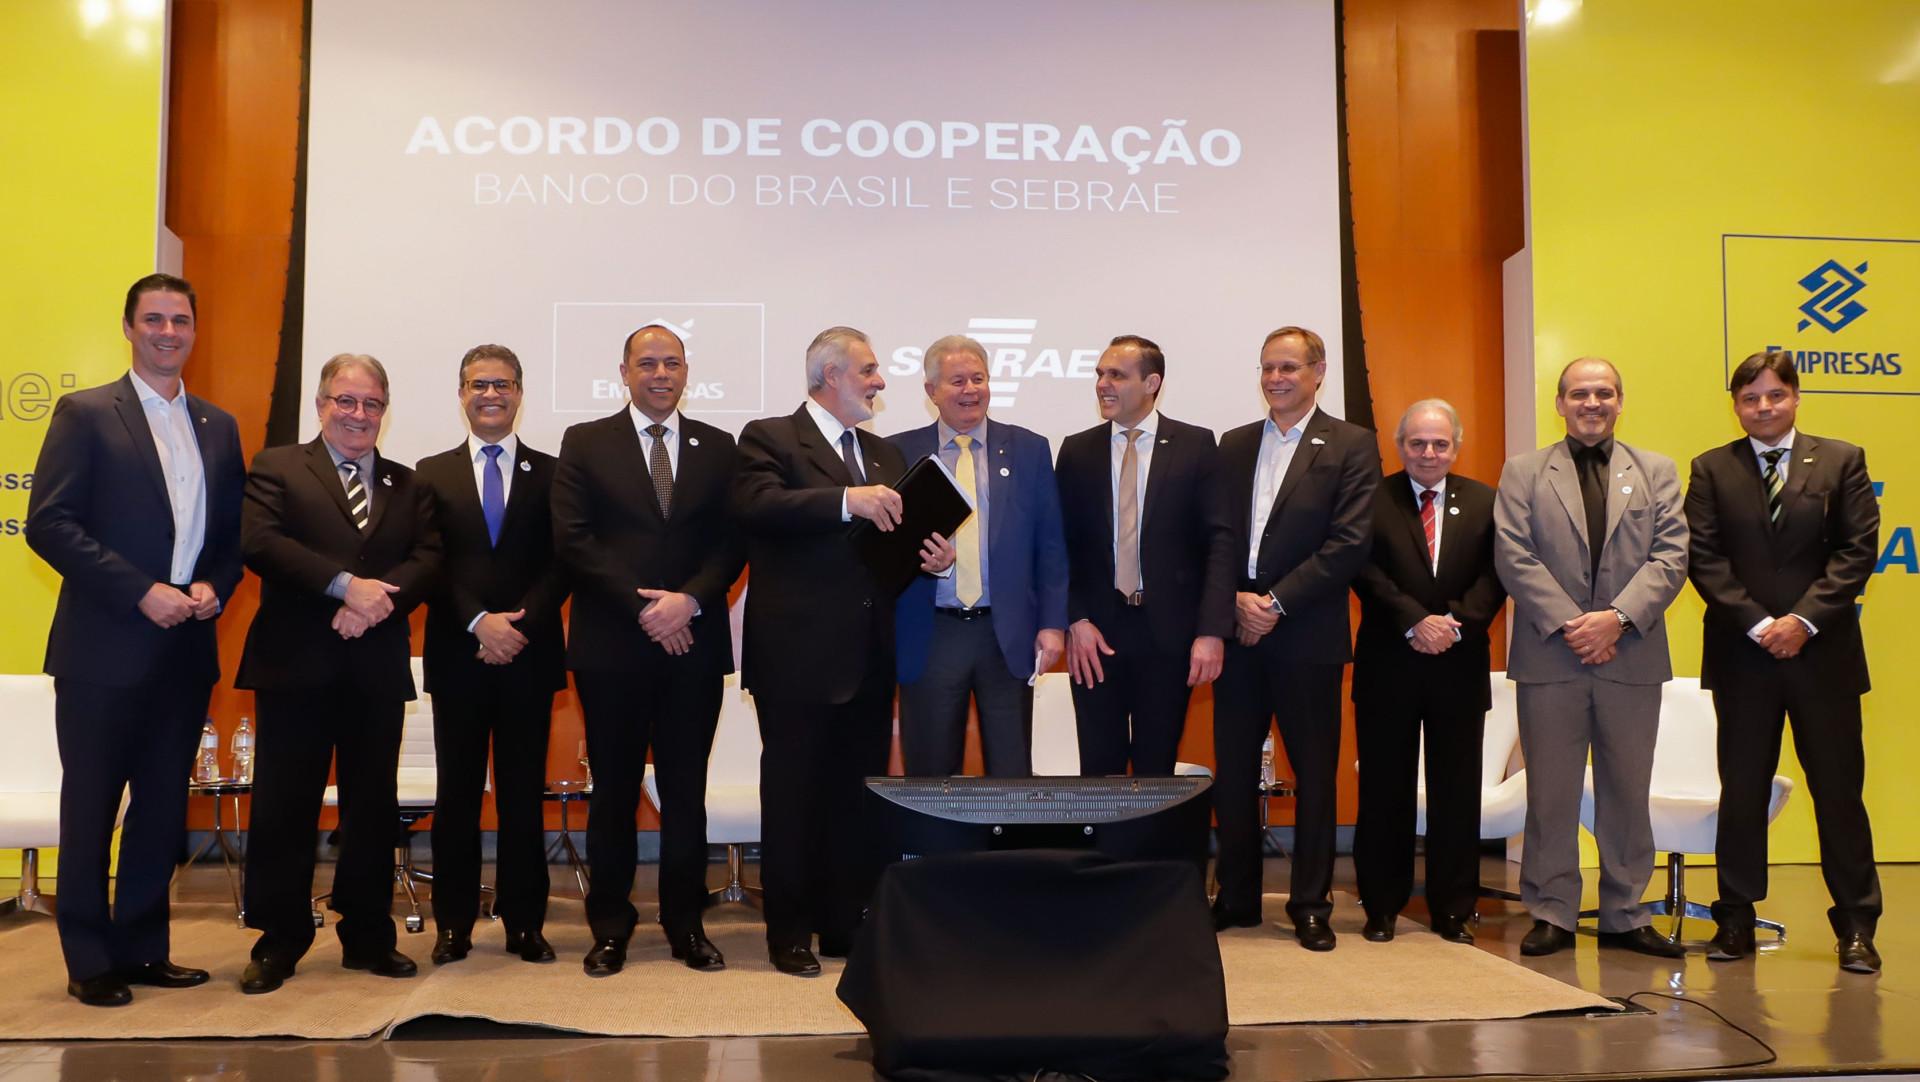 Assinatura do convênio com o Banco do Brasil